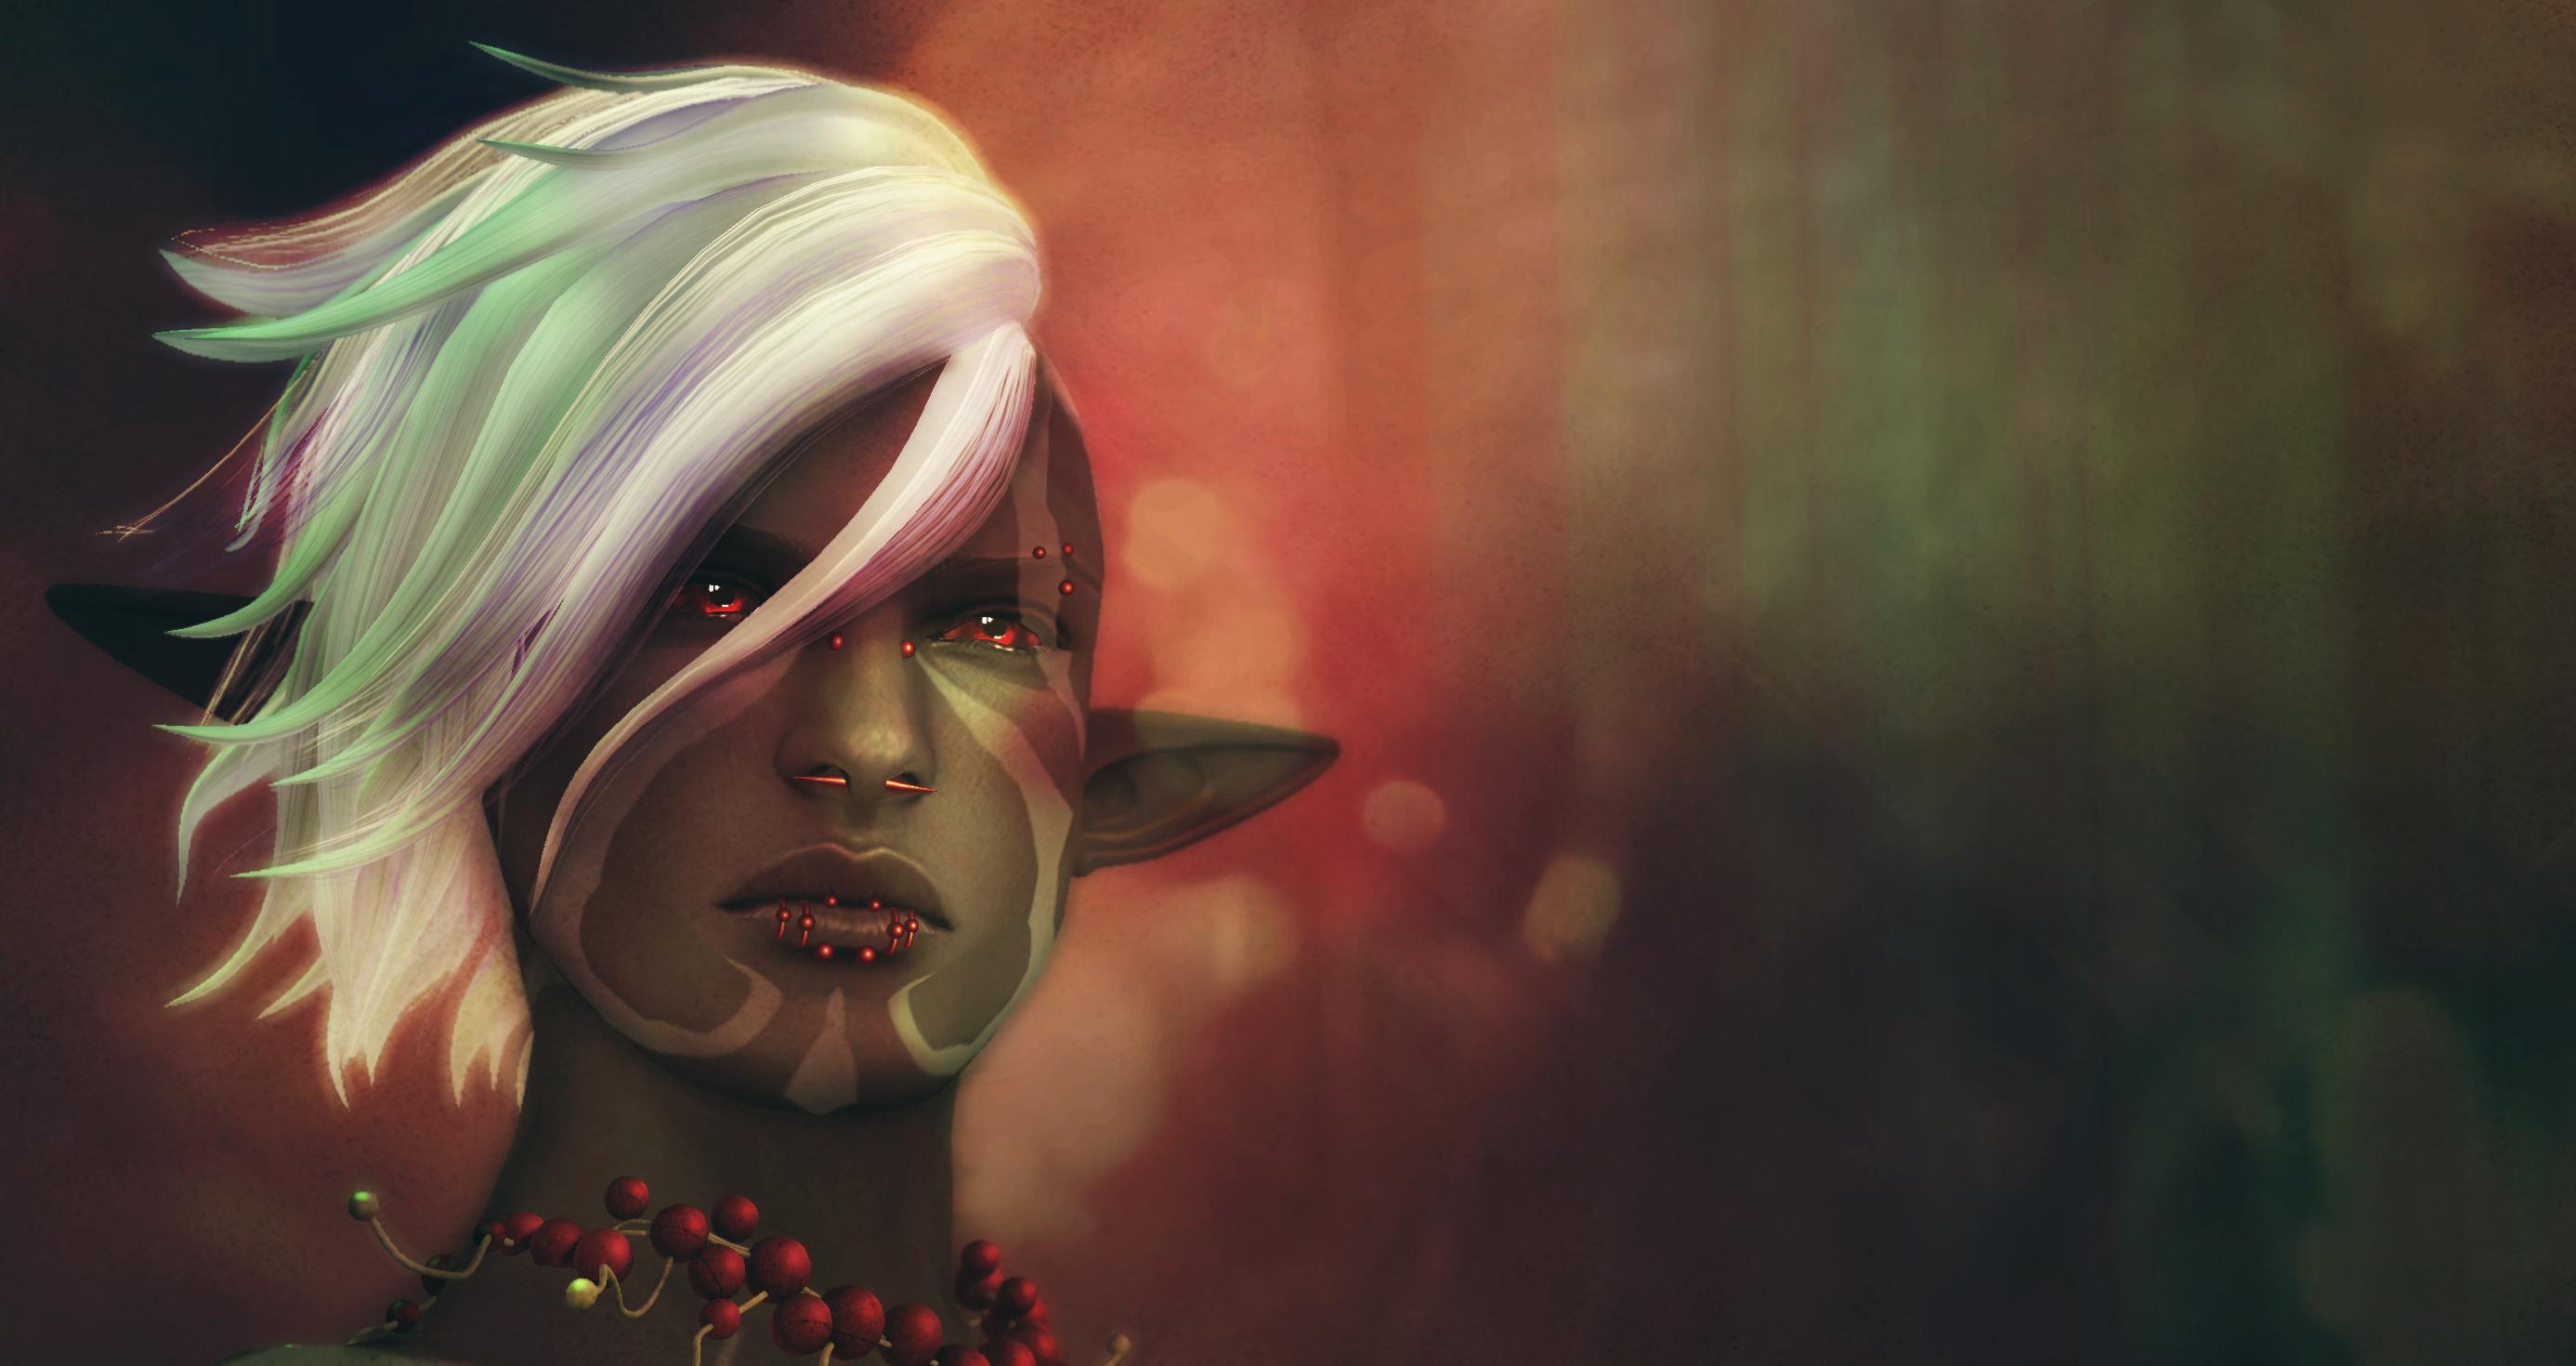 Wallpaper Face Mouth Elves Mythology Head Mandala Art Girl